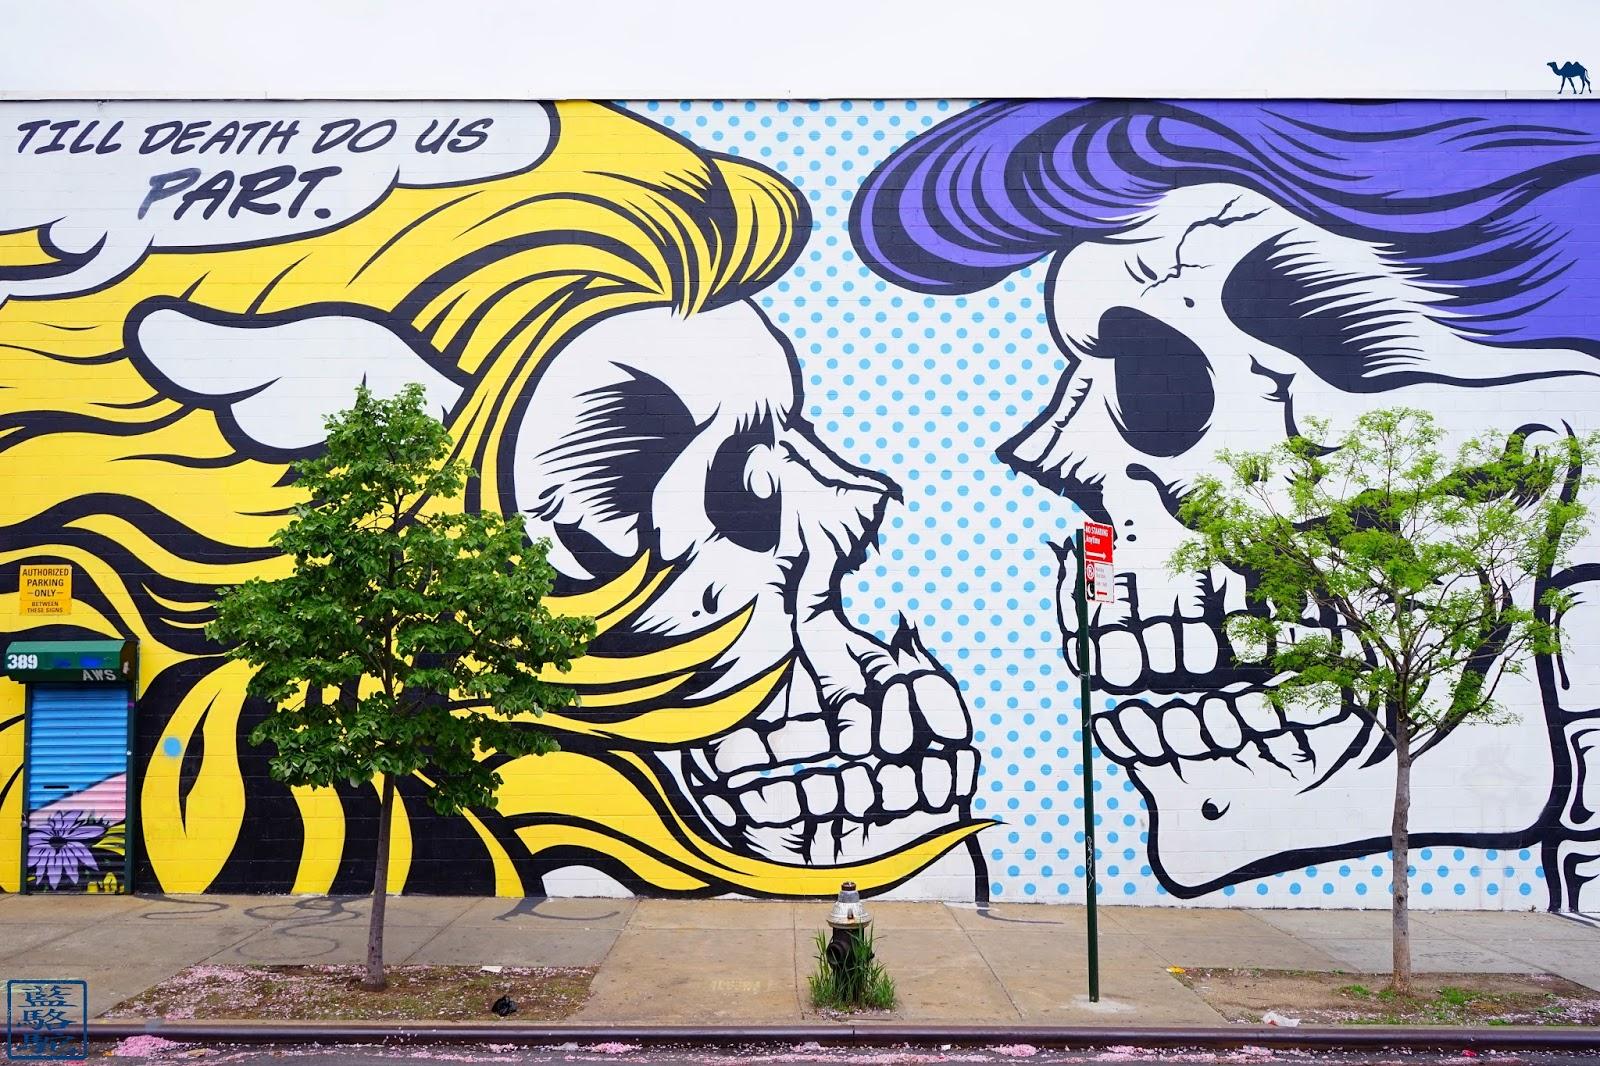 Le Chameau Bleu - Street Art Bushwick 2017 - Till Death Do Us Part - New York